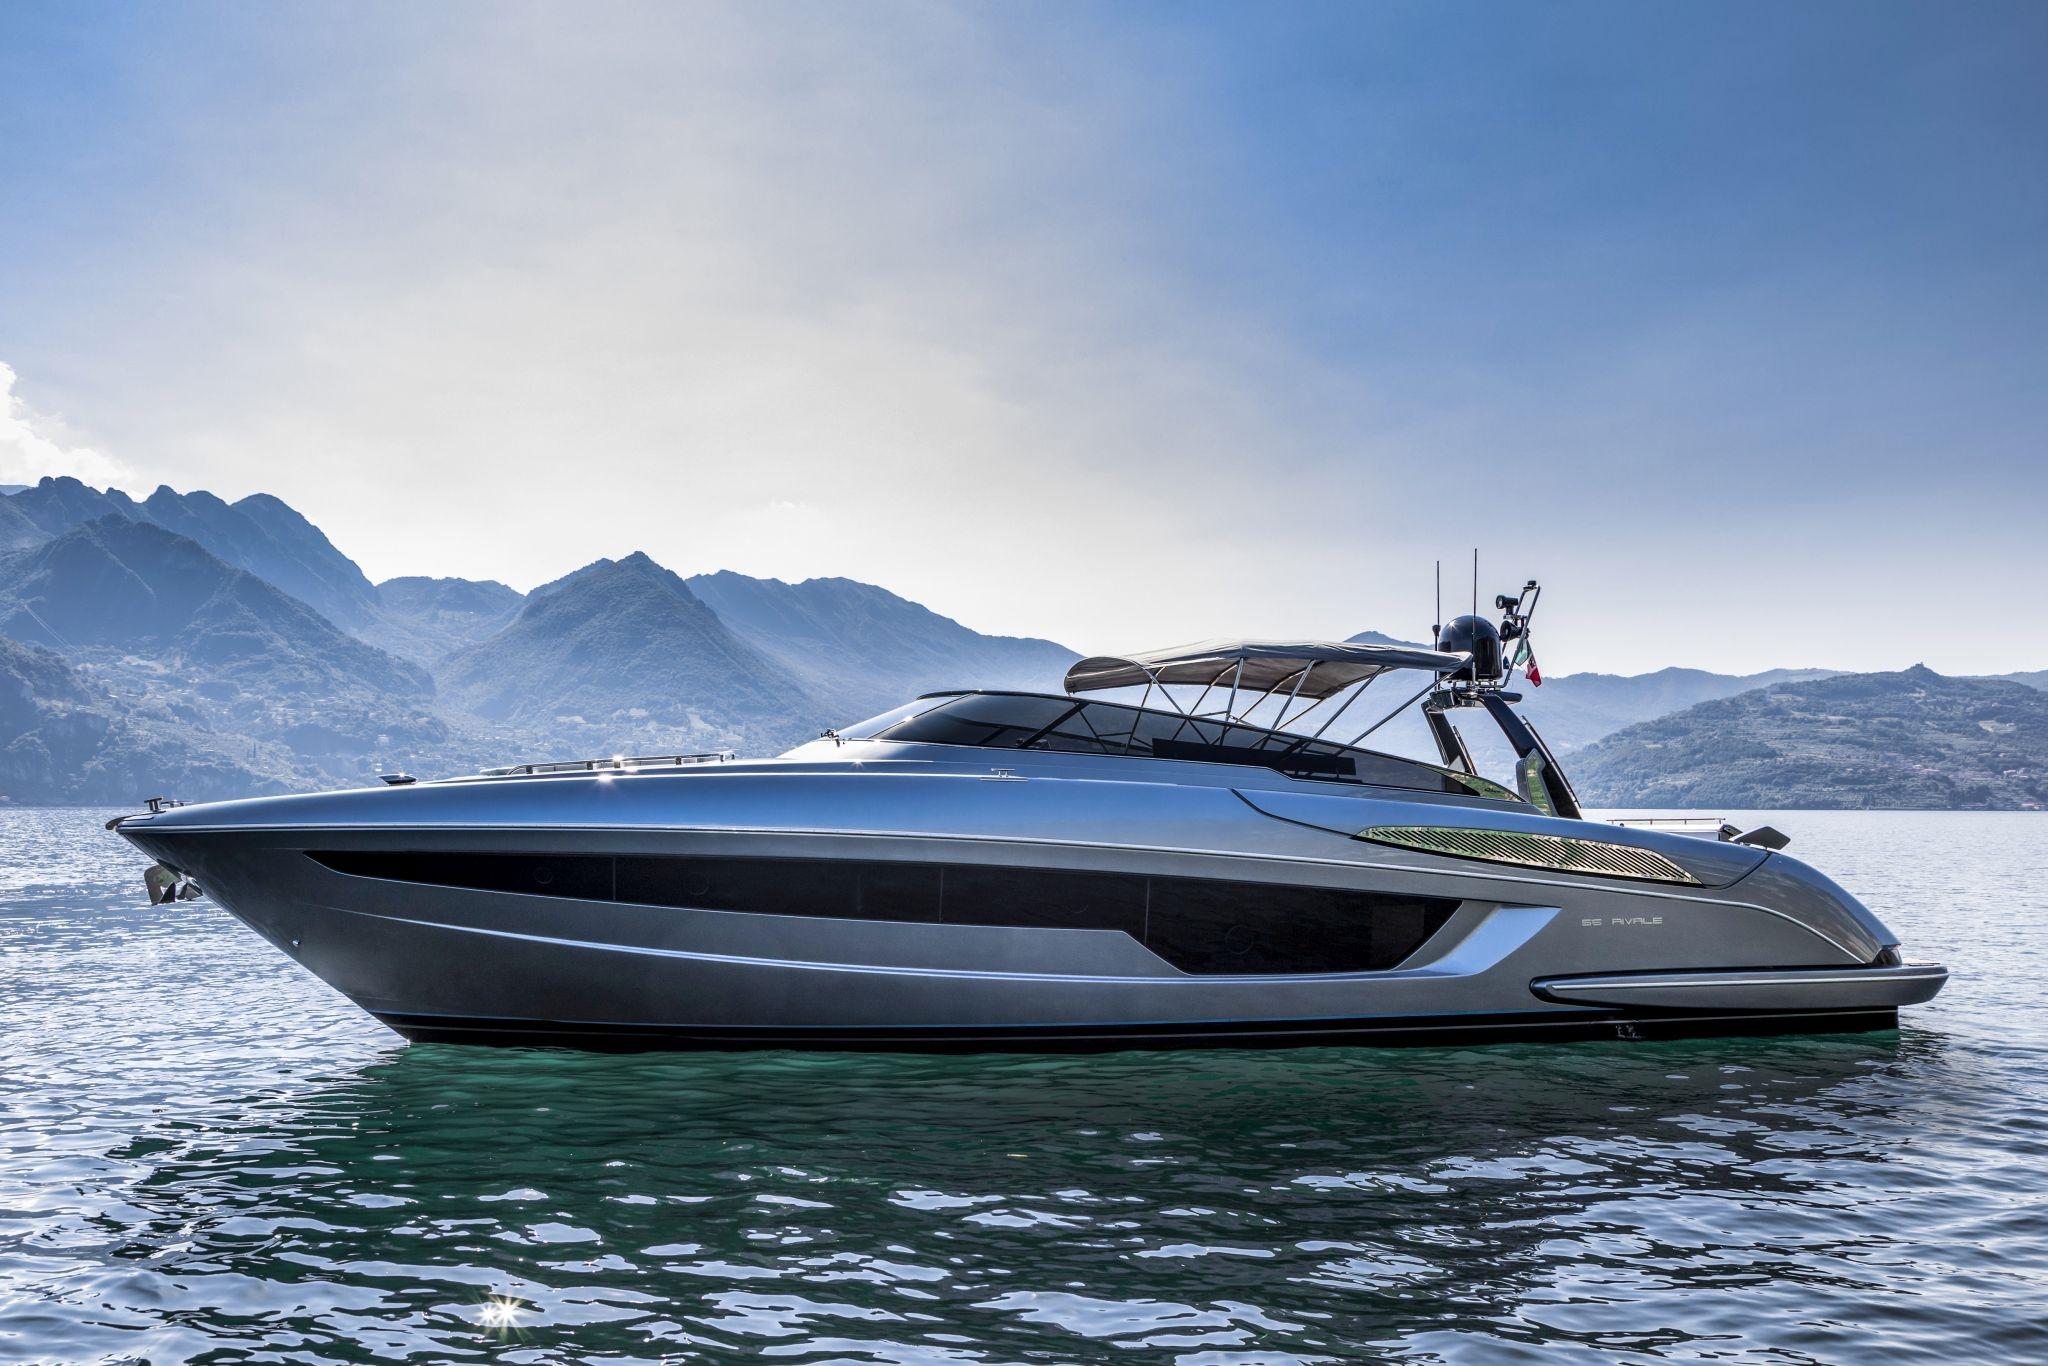 Riva Rivale 56 NEW Ita Yachts Canada Ita Yachts Canada